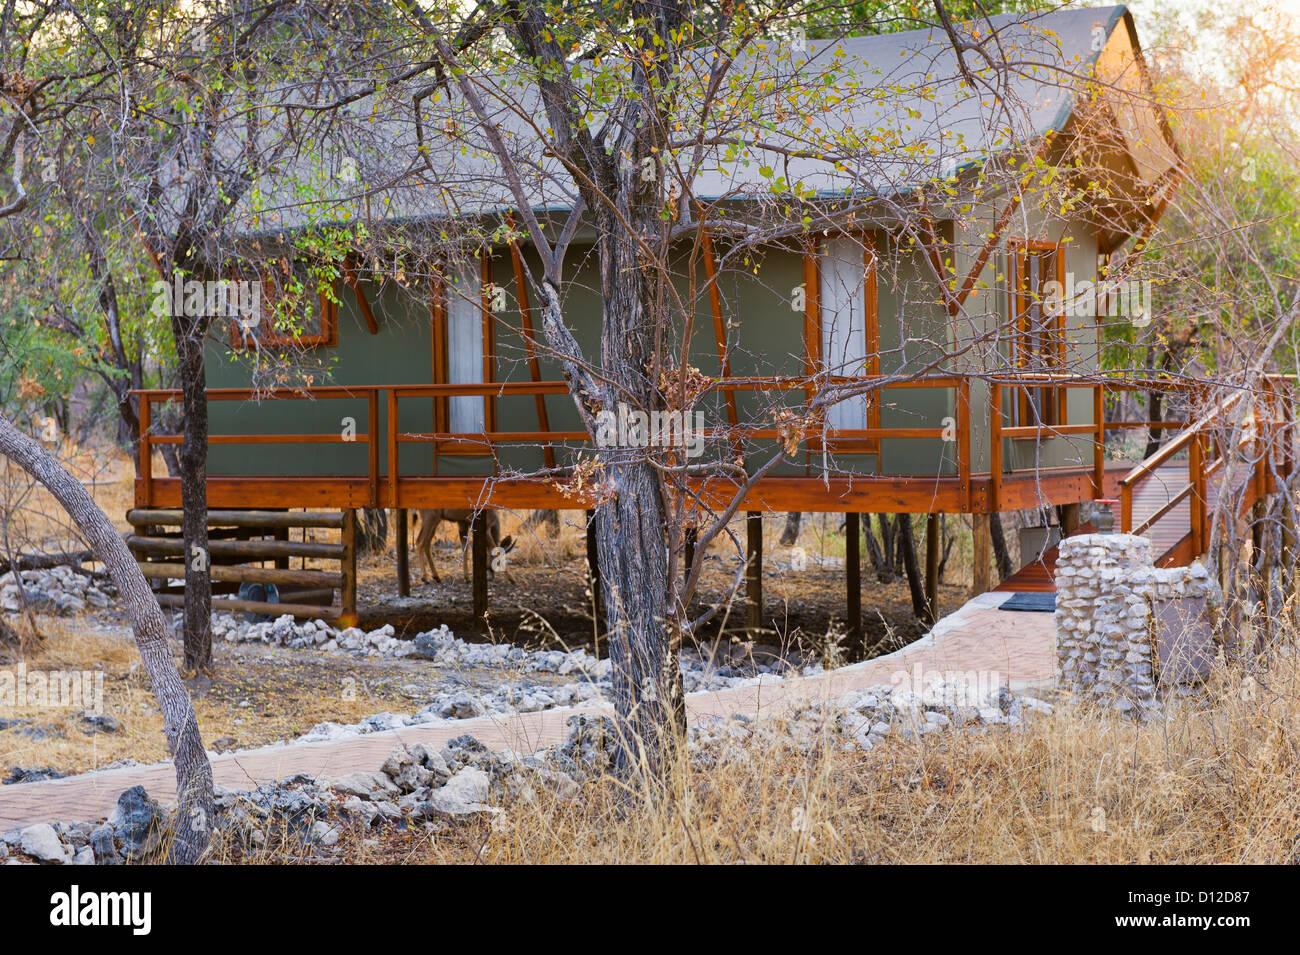 Luxury tented accommodation at Mushara Outpost, Mushara Lodge, Etosha, Oshikoto Region, Namibia, Africa - Stock Image